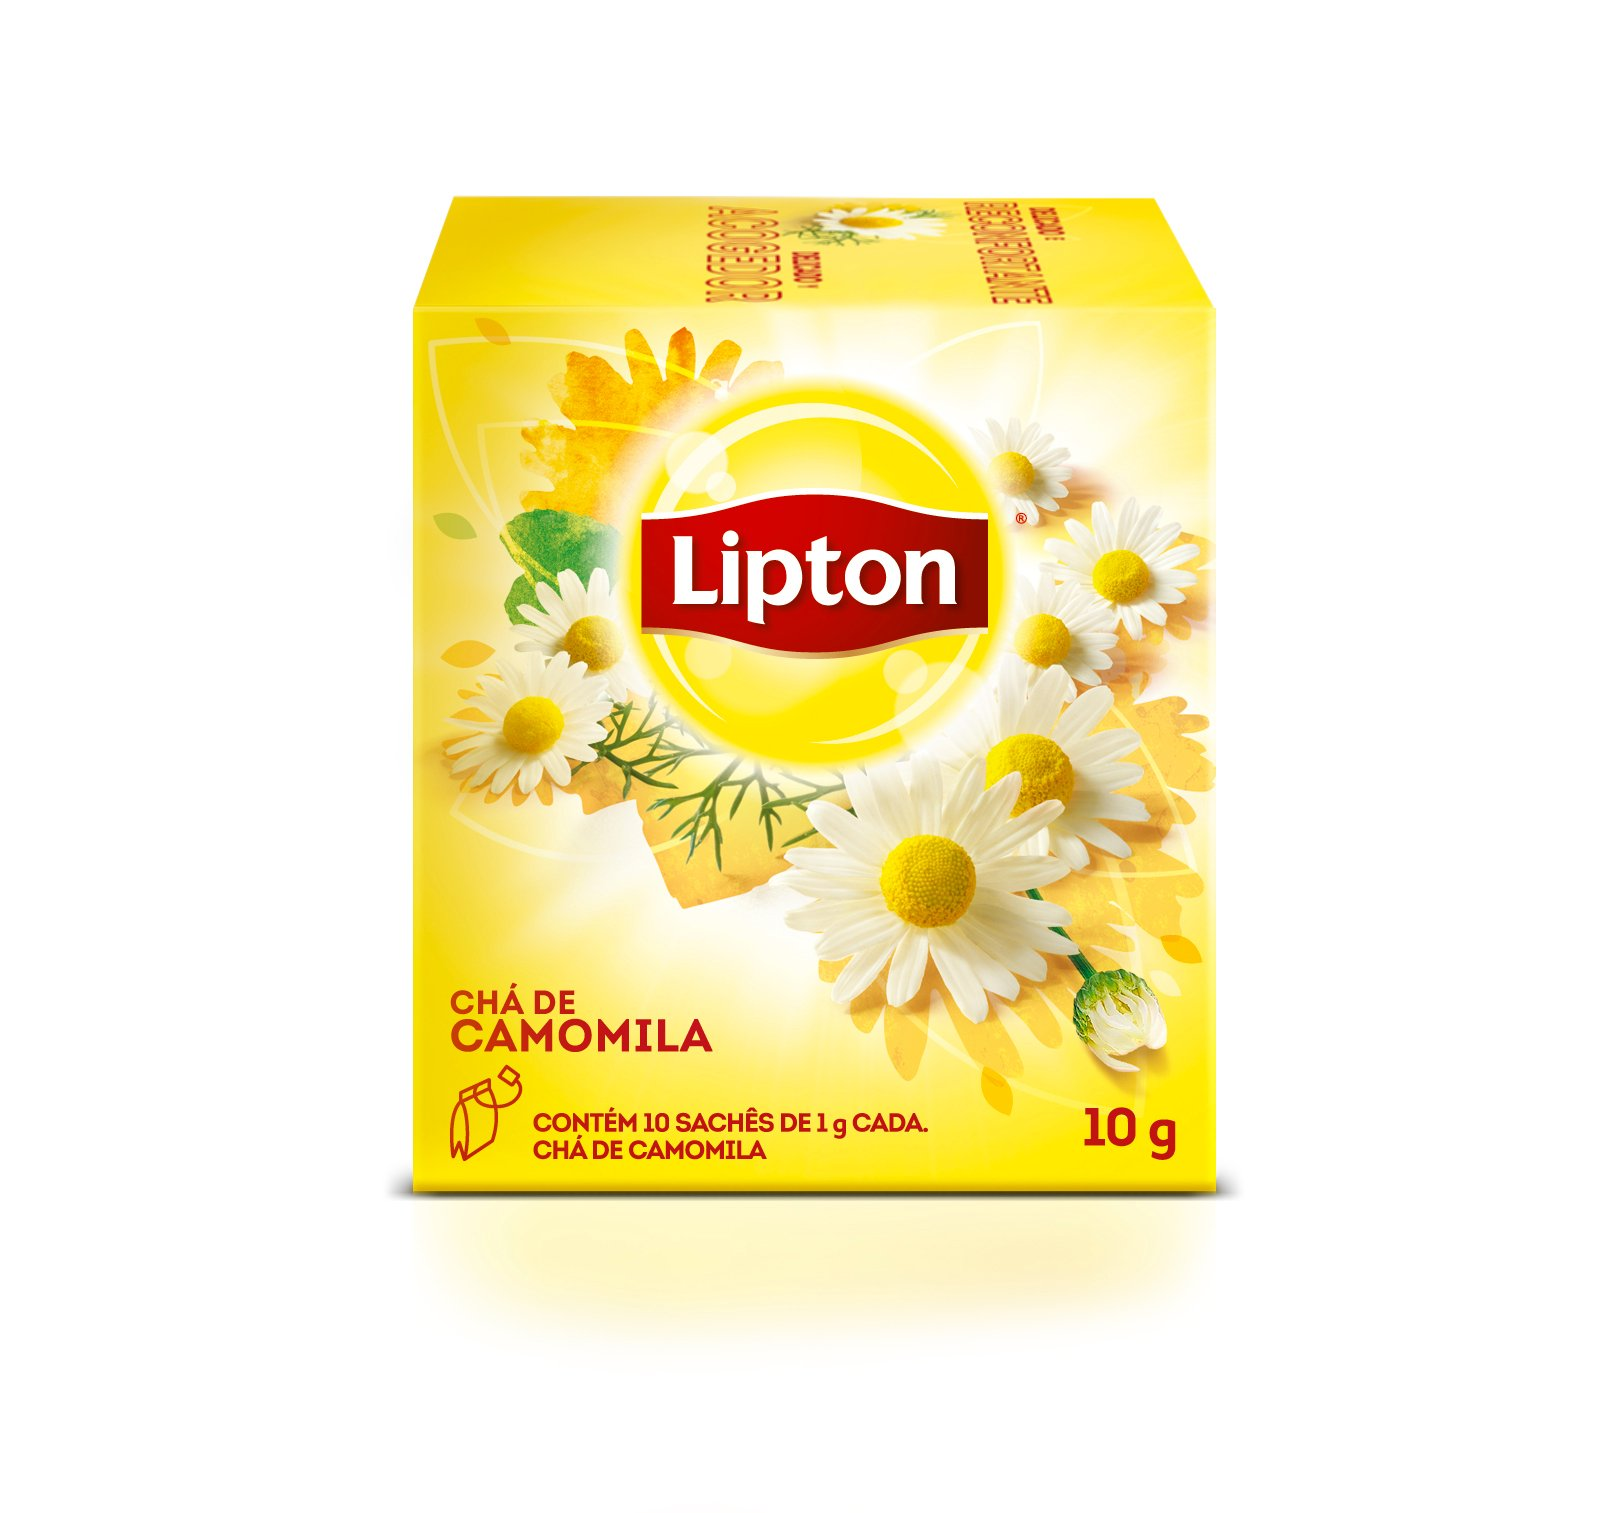 Chá Lipton - Camomila -